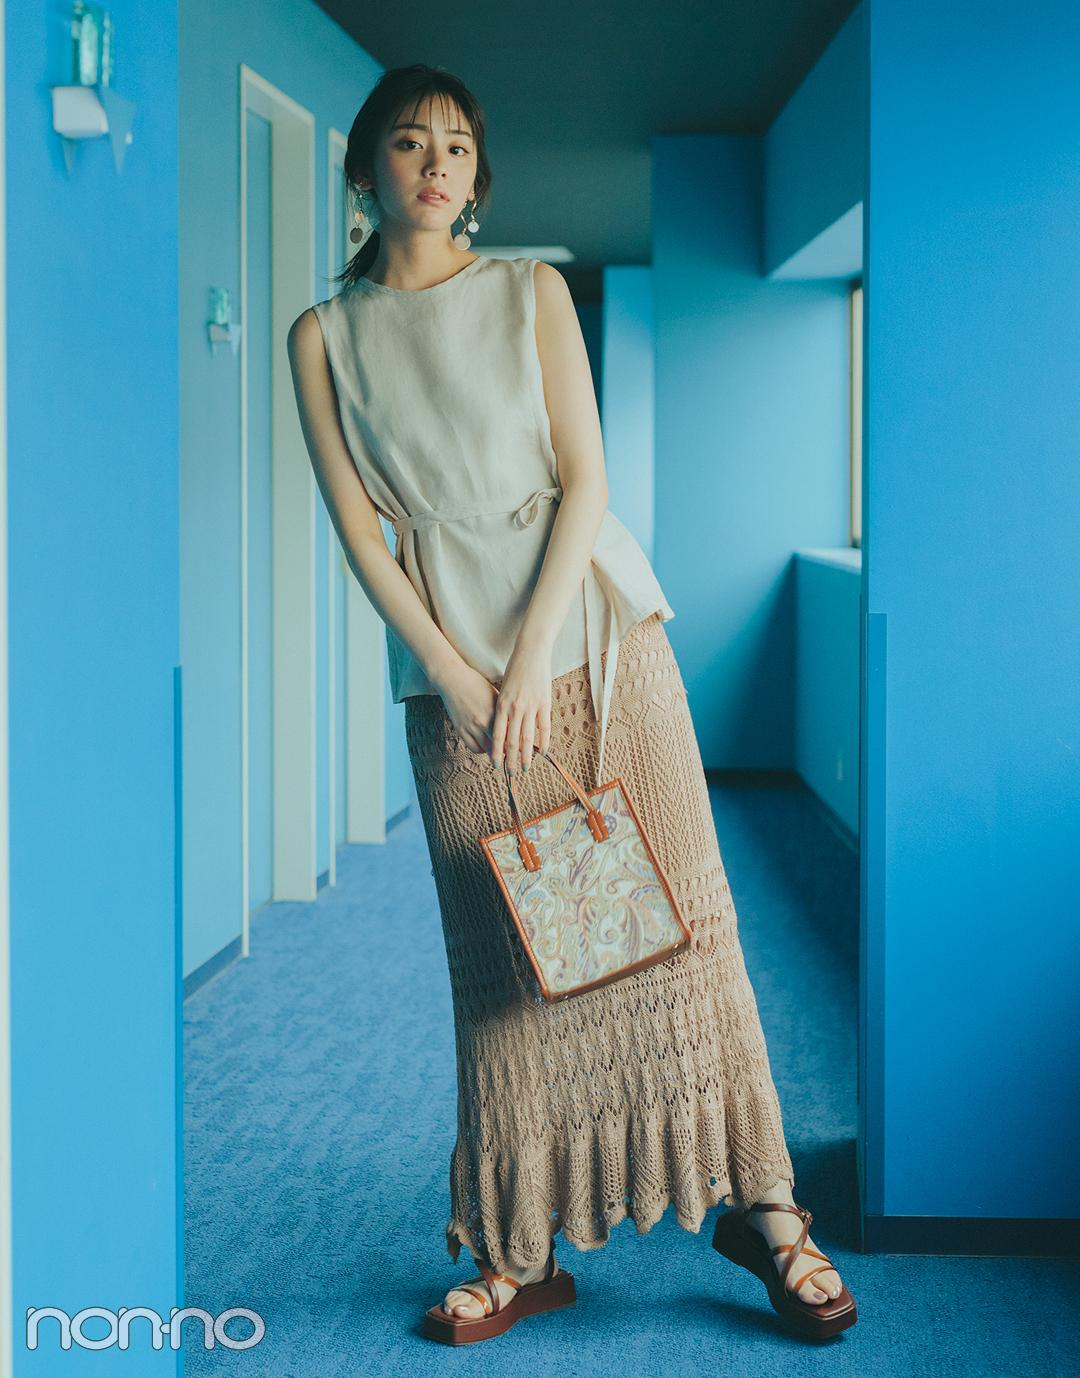 『貴島明日香』の『クロシェスカート』モデルカット4−1